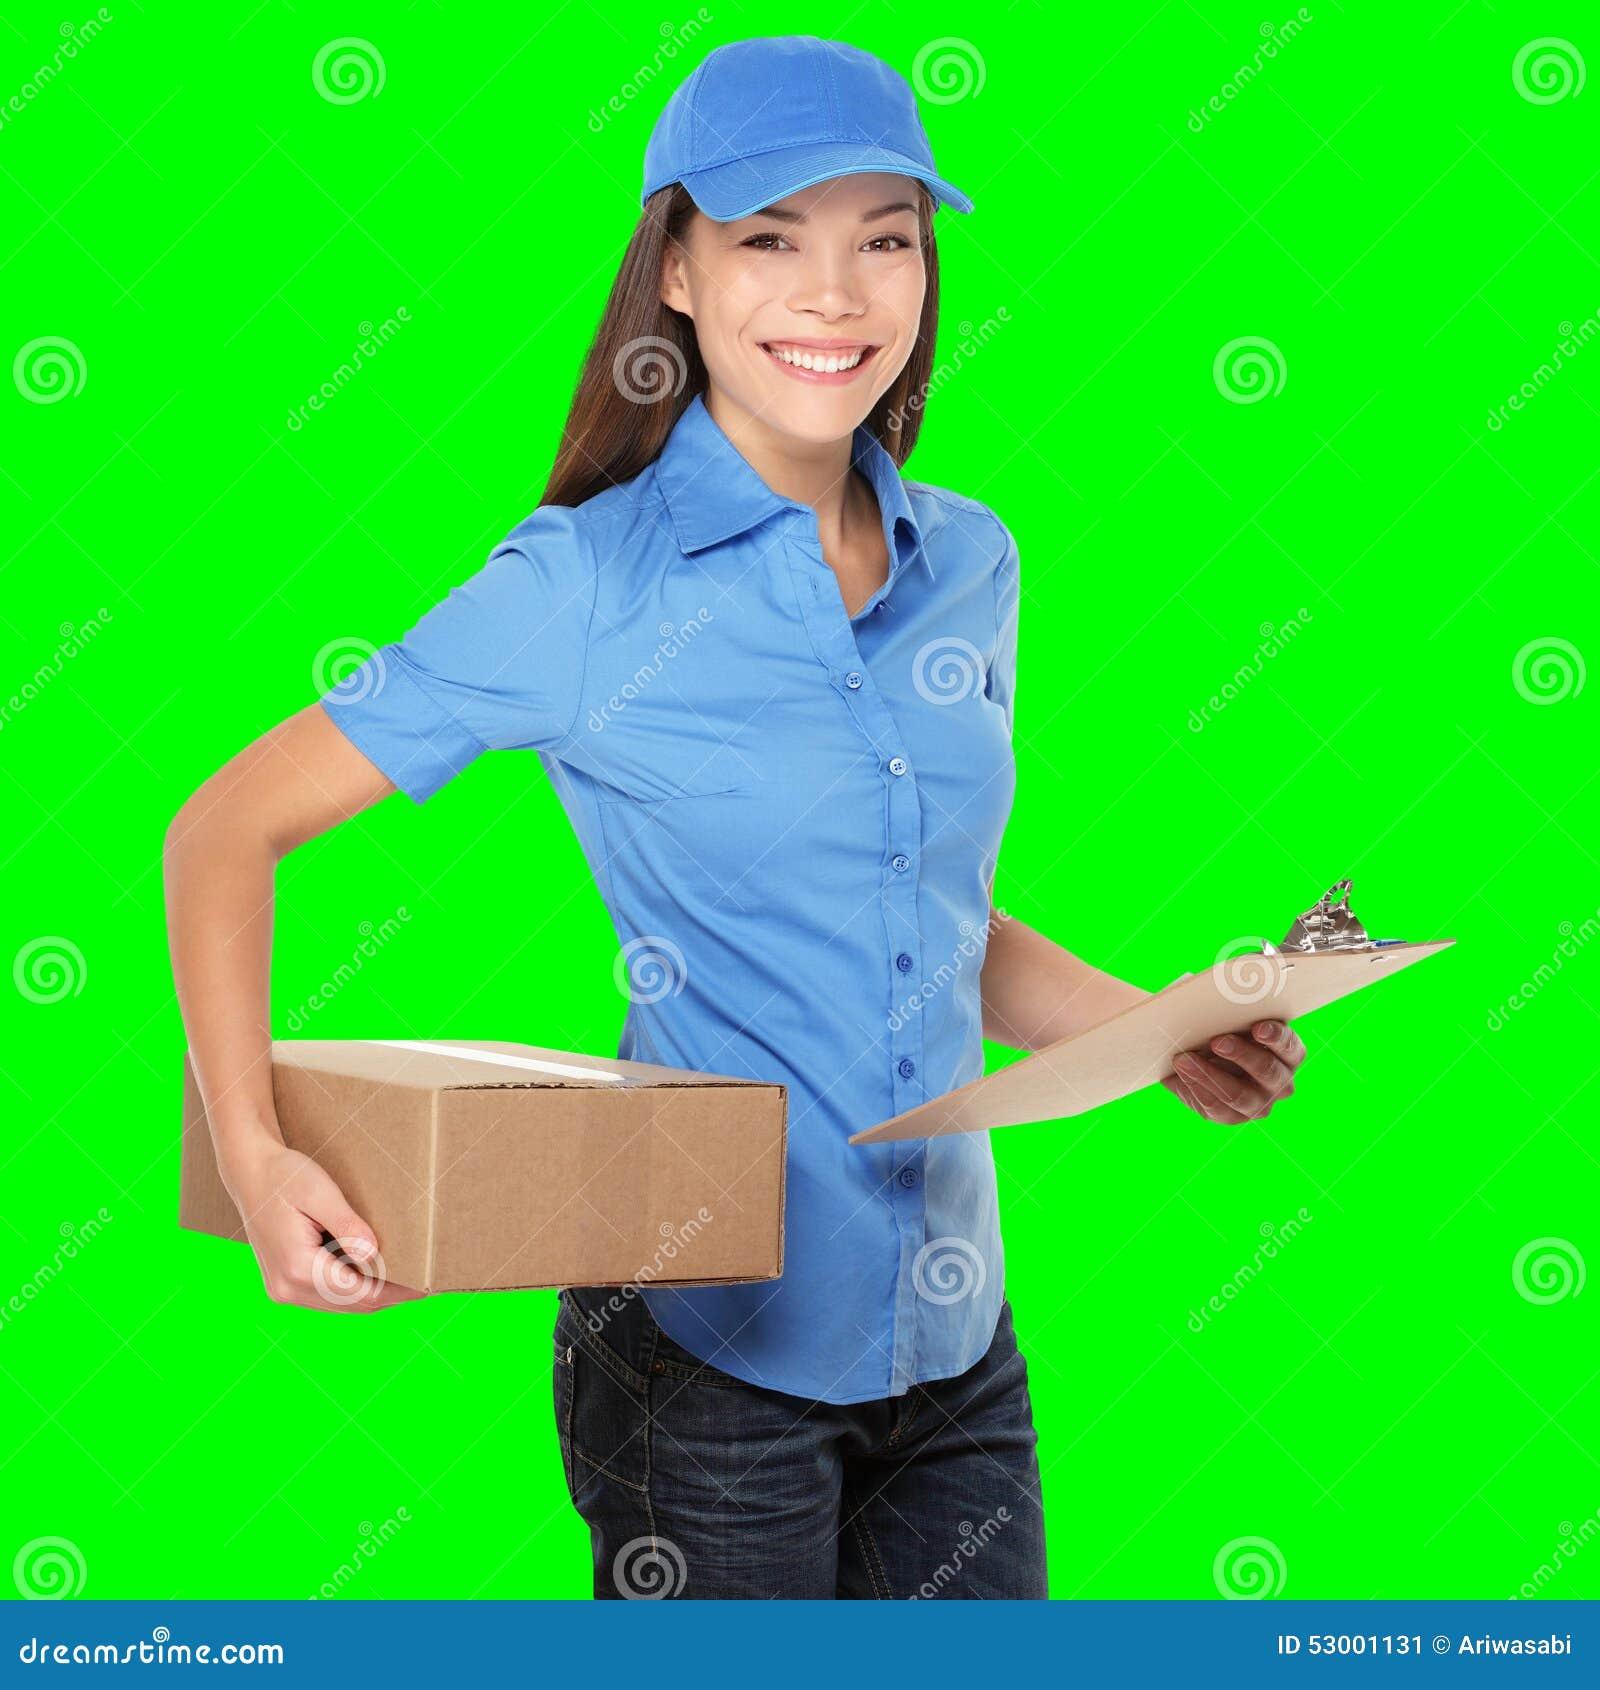 De persoon die van de levering pakket levert